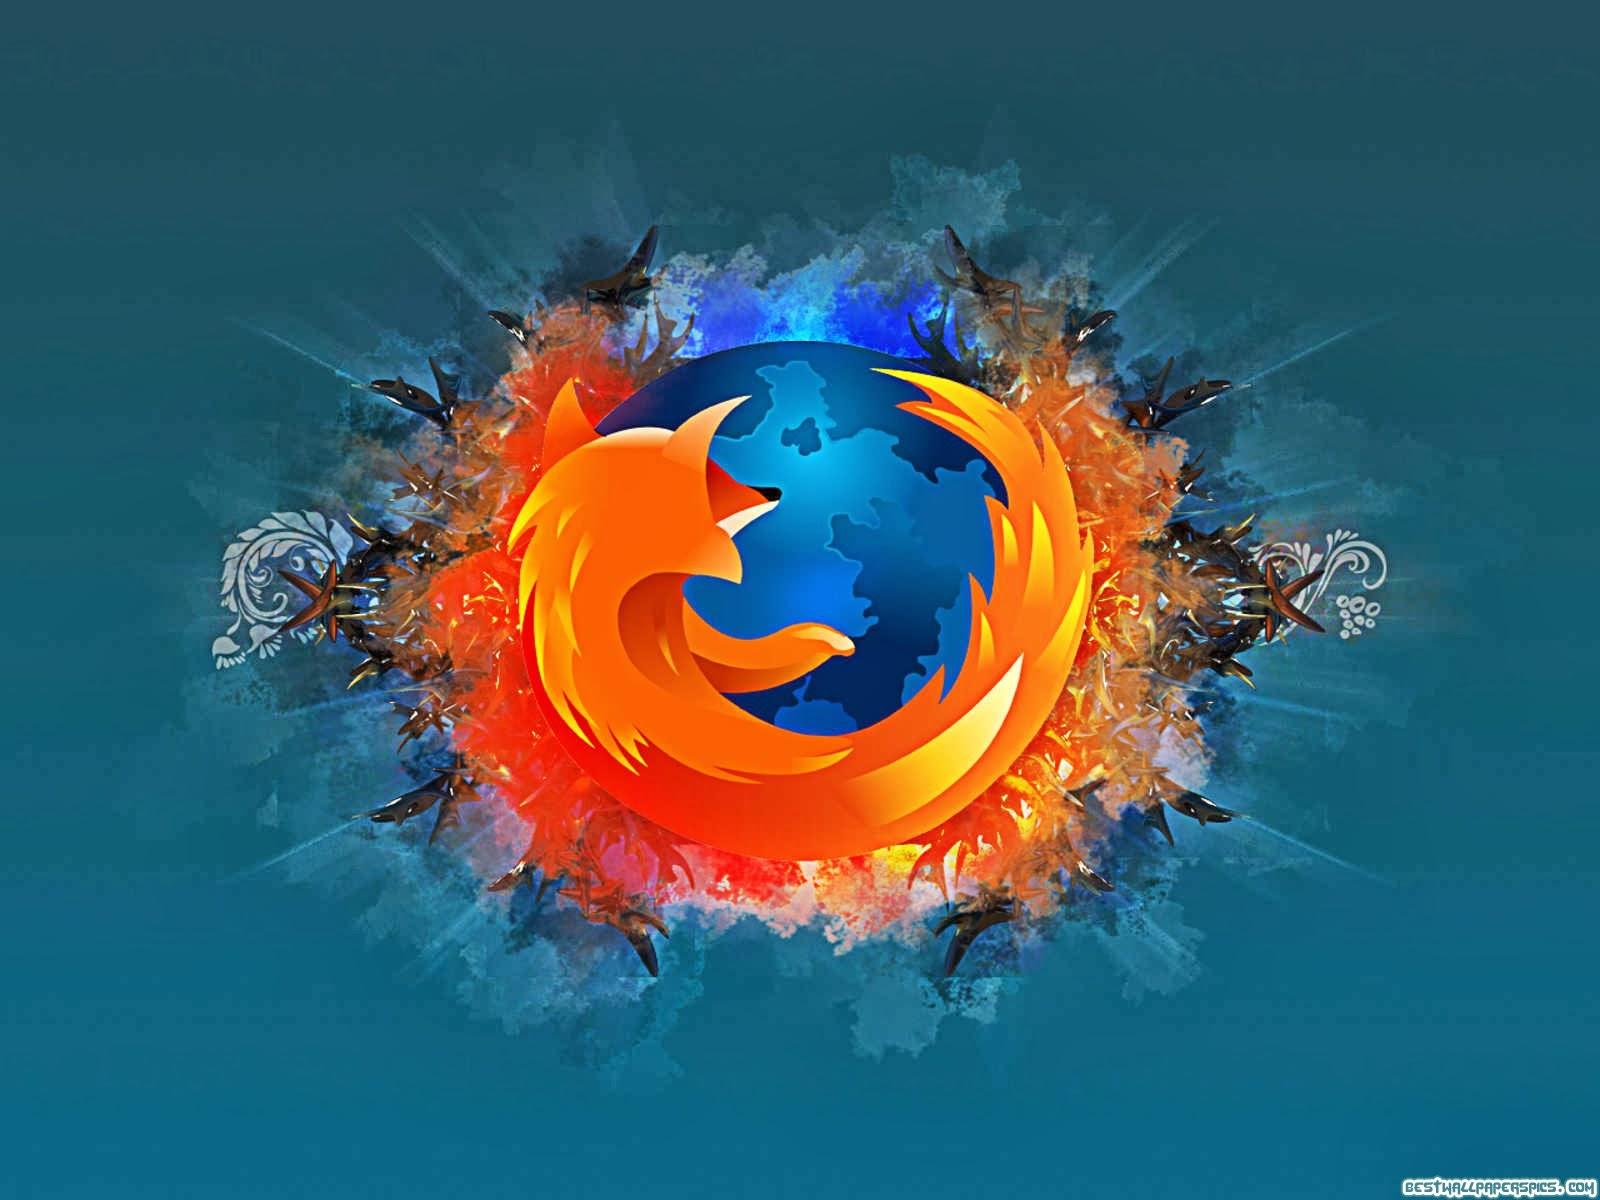 Firefox Taking Over Internet Explorer HR Wallpapers